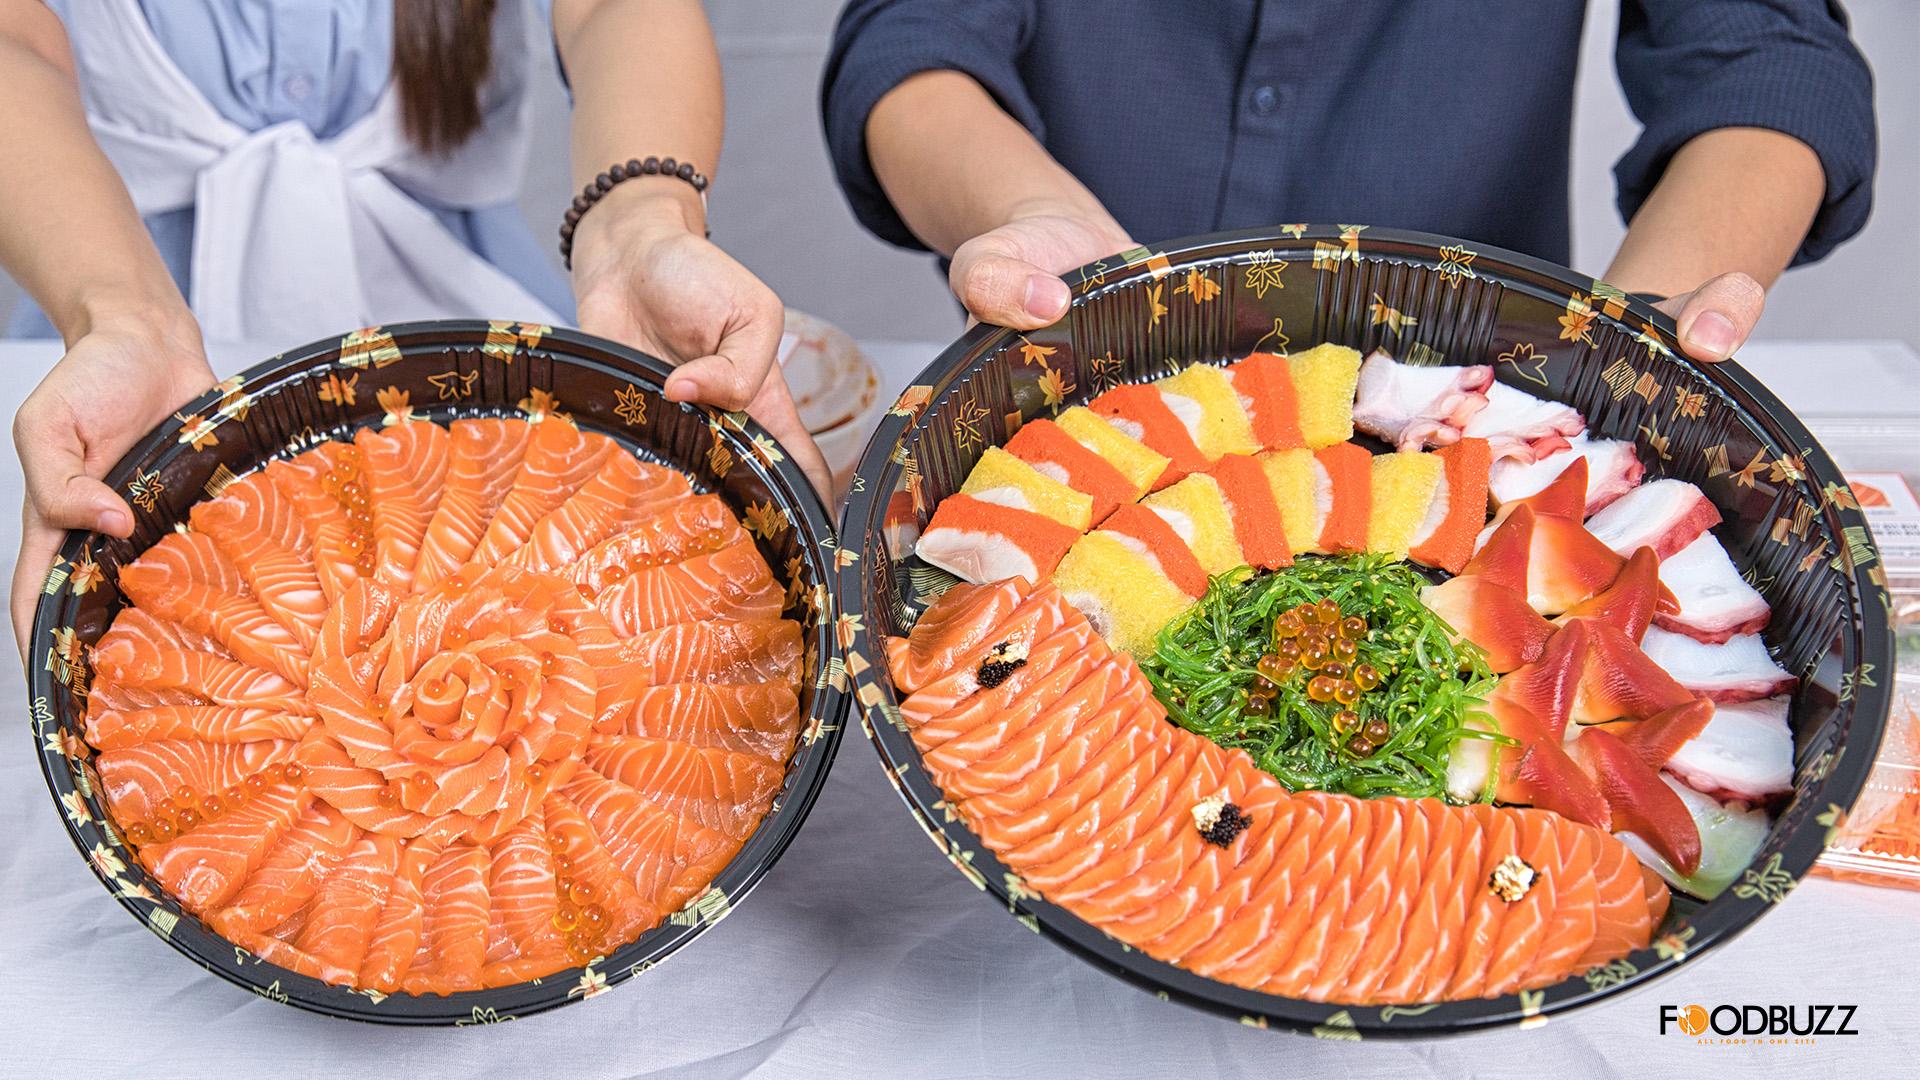 ចង់បានត្រីសាល់ម៉ុន ពងត្រី ដៃមឹក ឬសារាយសមុទ្រស្រស់ៗកុំភ្លេច Home Salmon